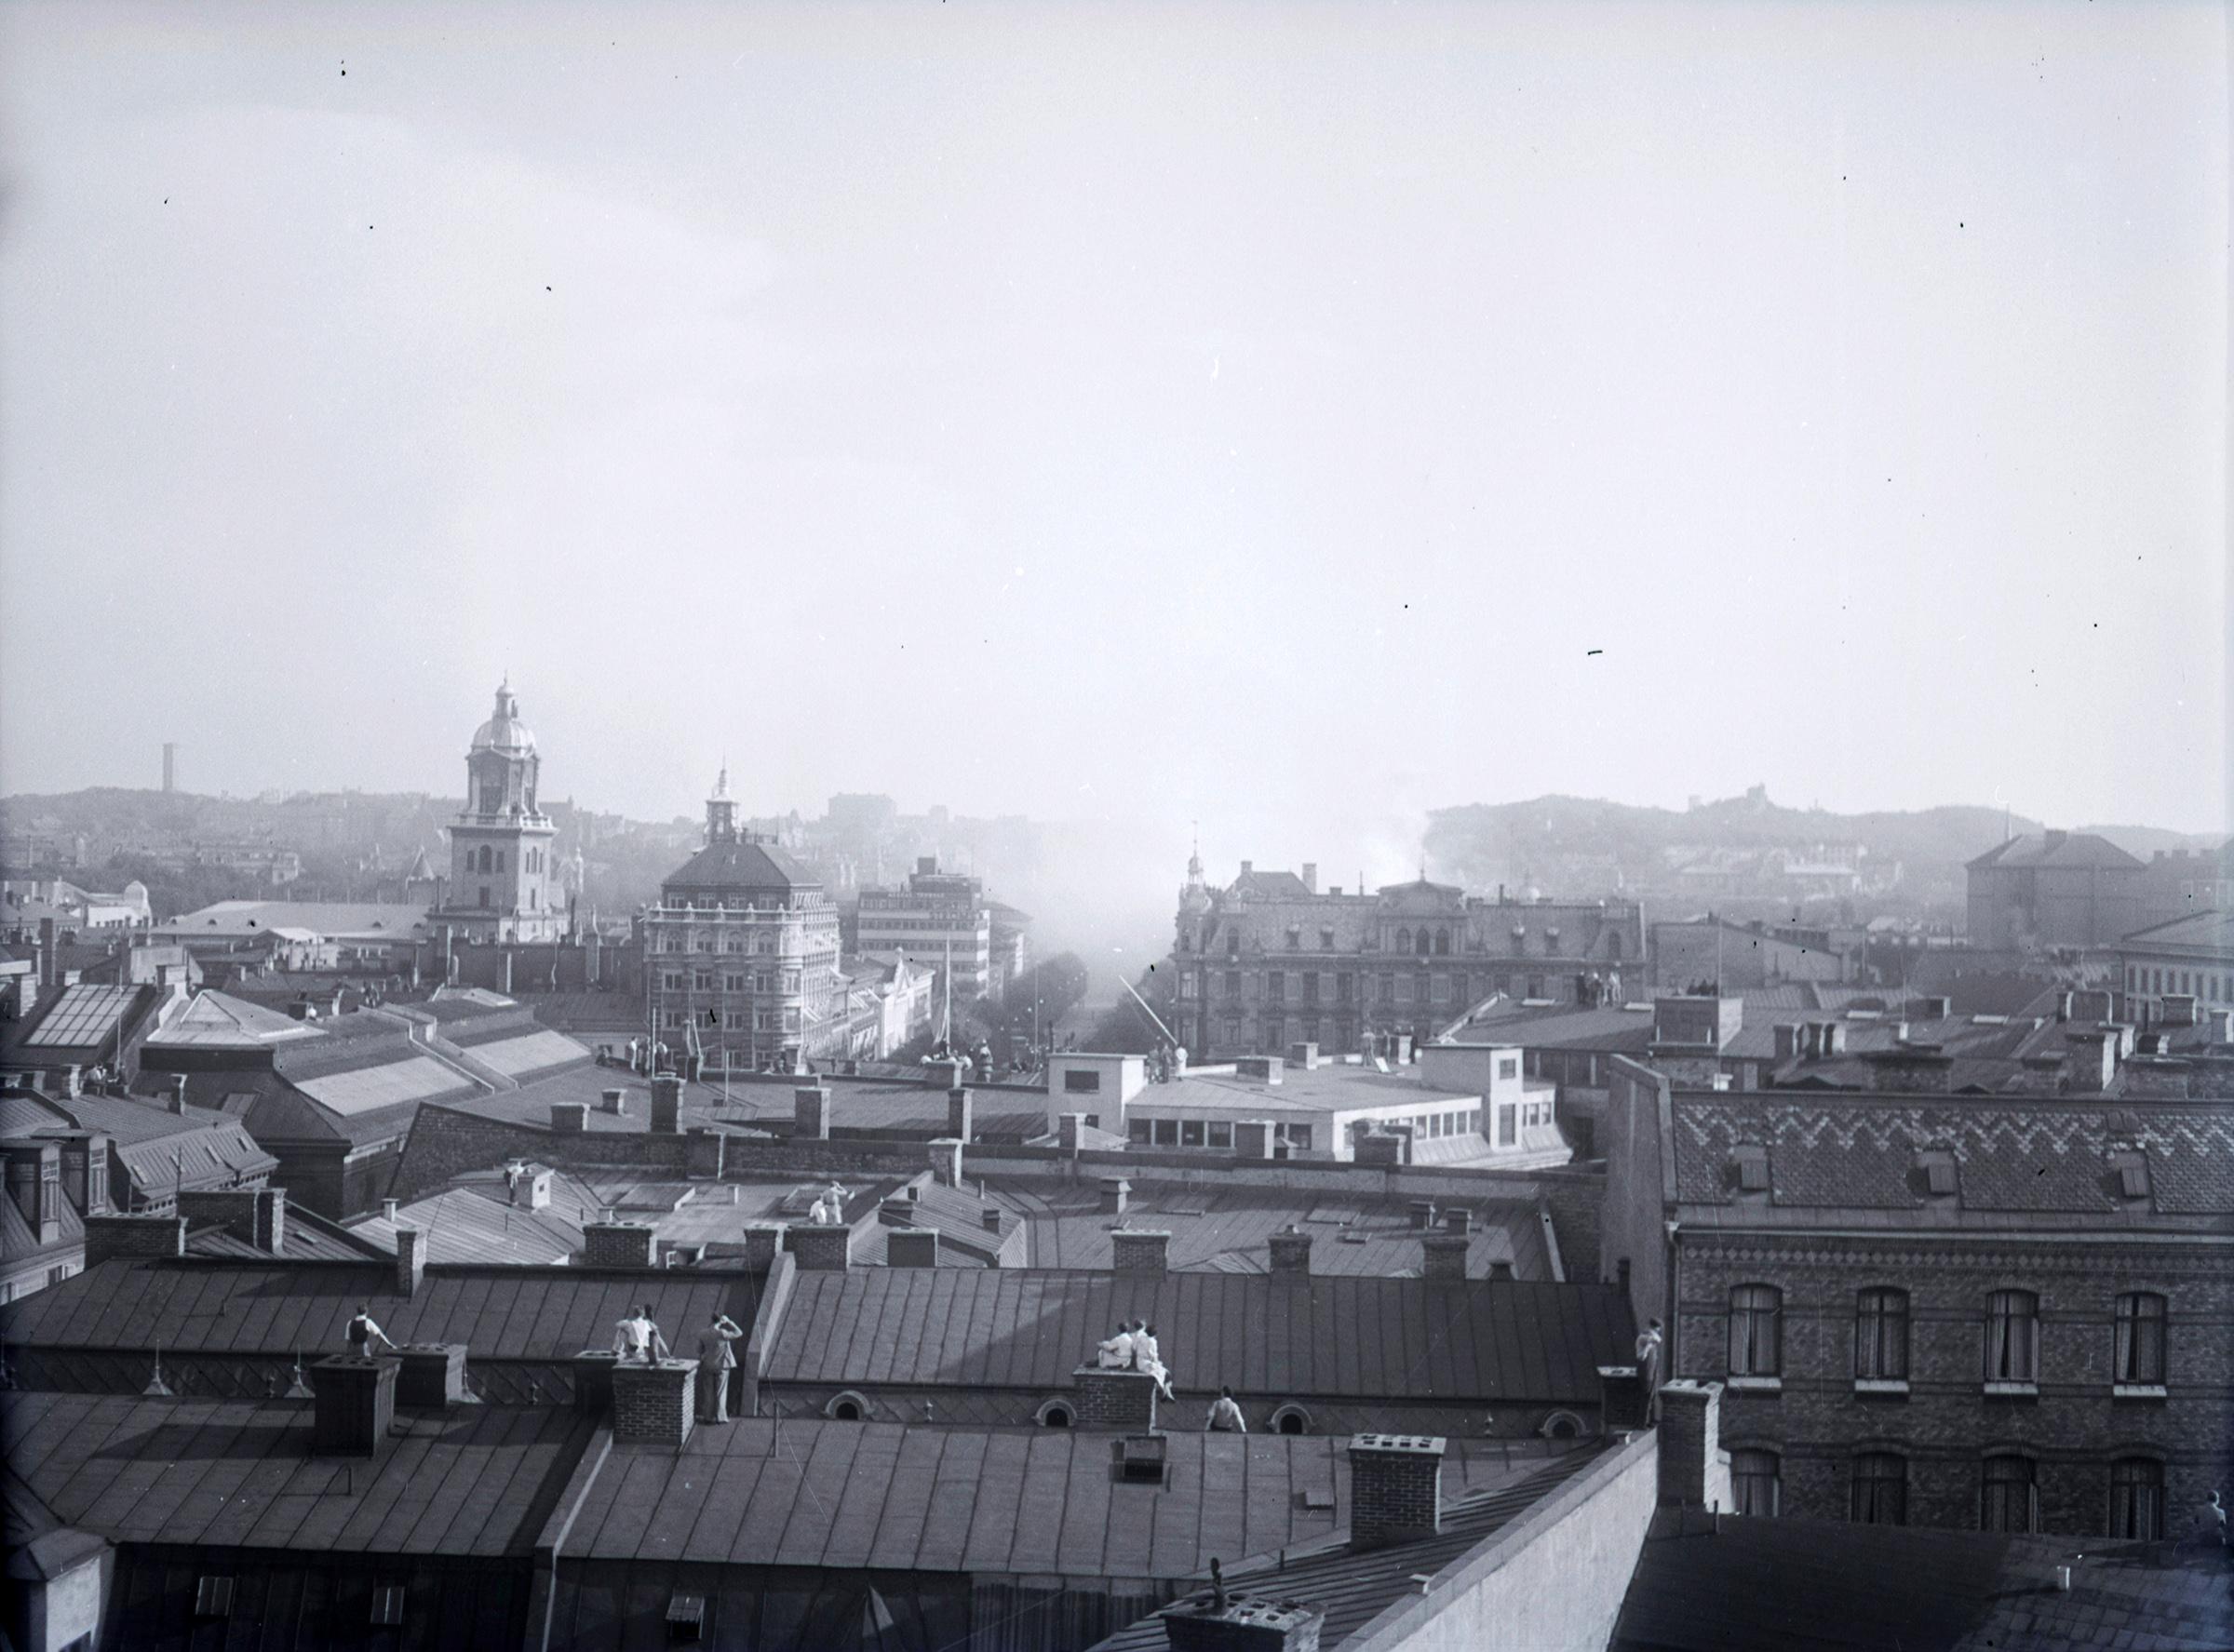 Utsikt över hustak i Västra Nordstan den 26 augusti 1937. Längre bort skymtar rök från en brand.